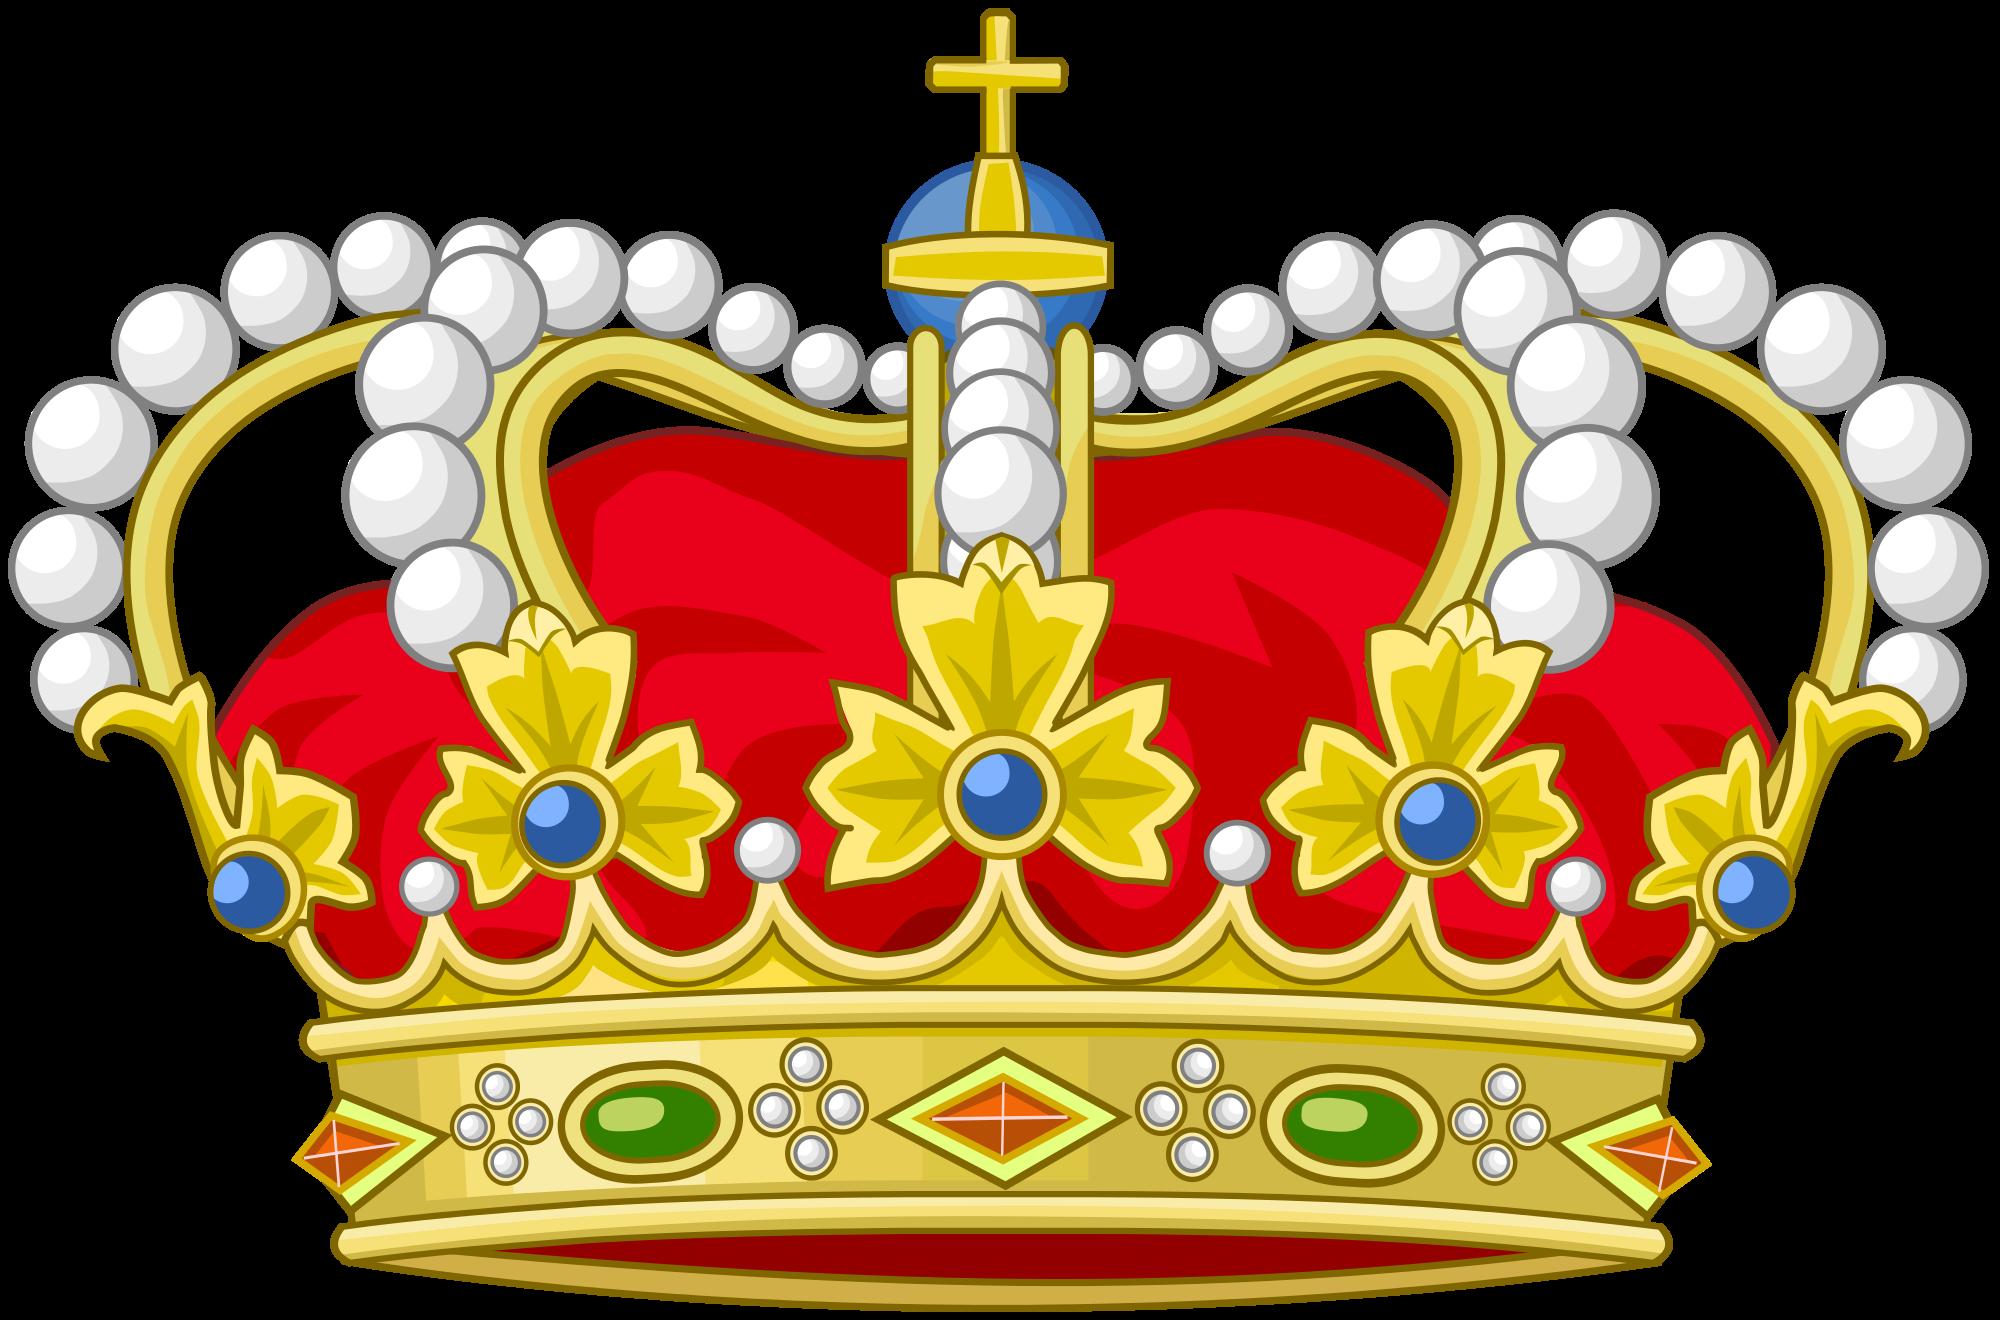 Heraldry crown clipart vector vector transparent stock Spain crown clipart vector transparent stock